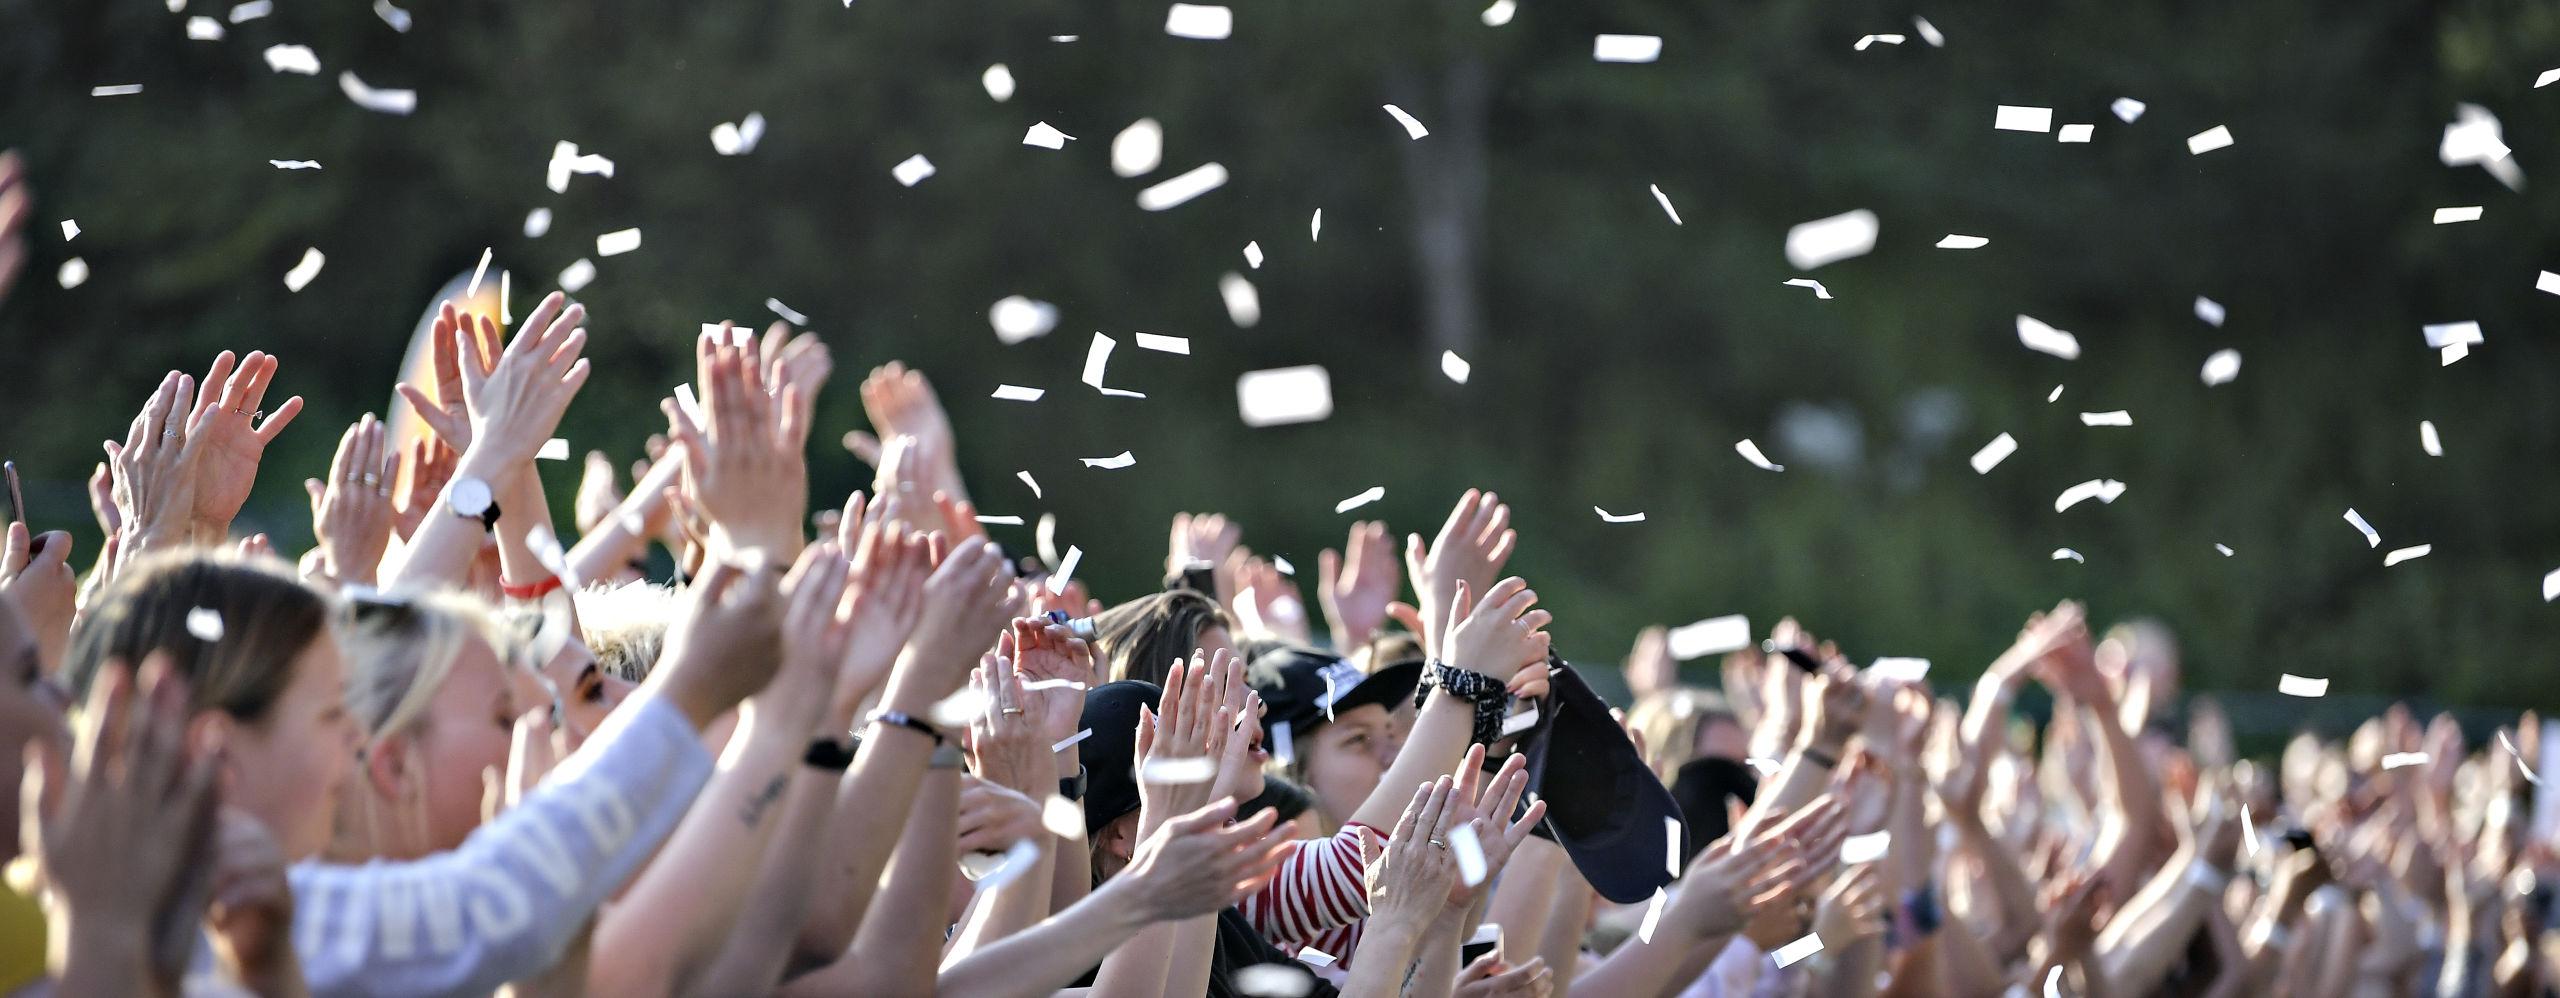 Koncert overgår alt: Maroon 5 skal spille på gigantisk scene i Mølleparken